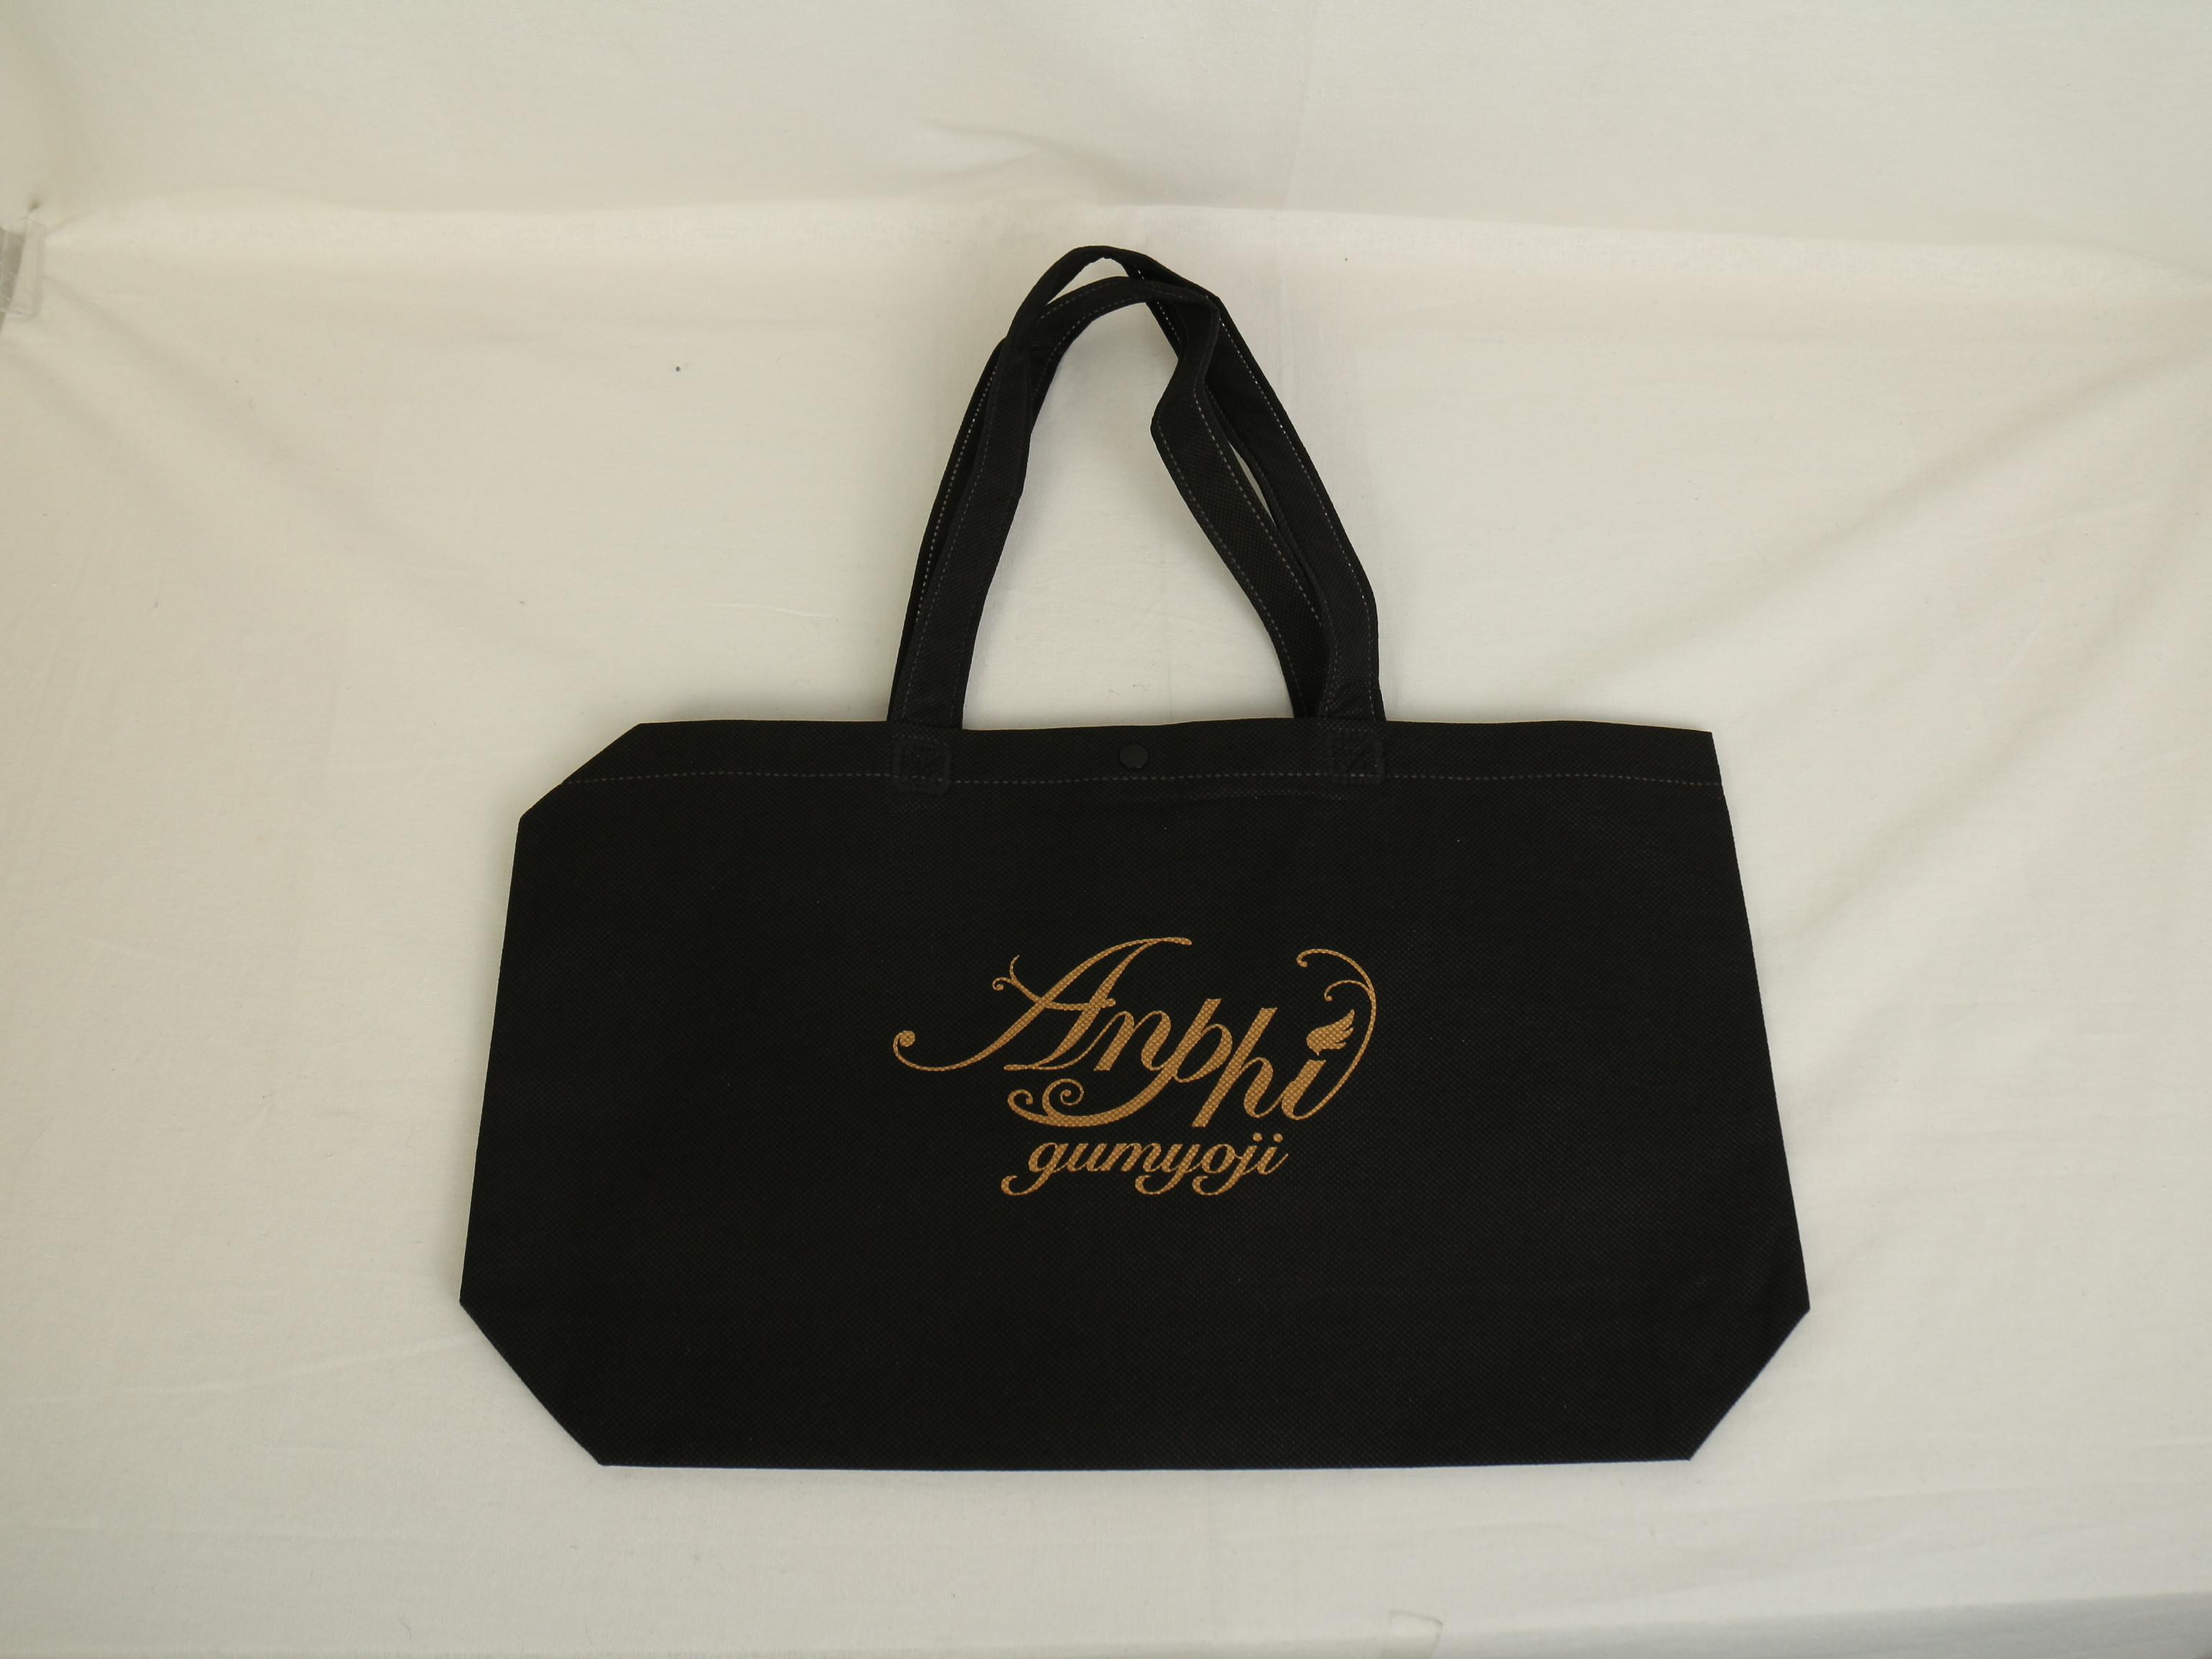 神奈川のヘアサロン様のオリジナル不織布バッグ